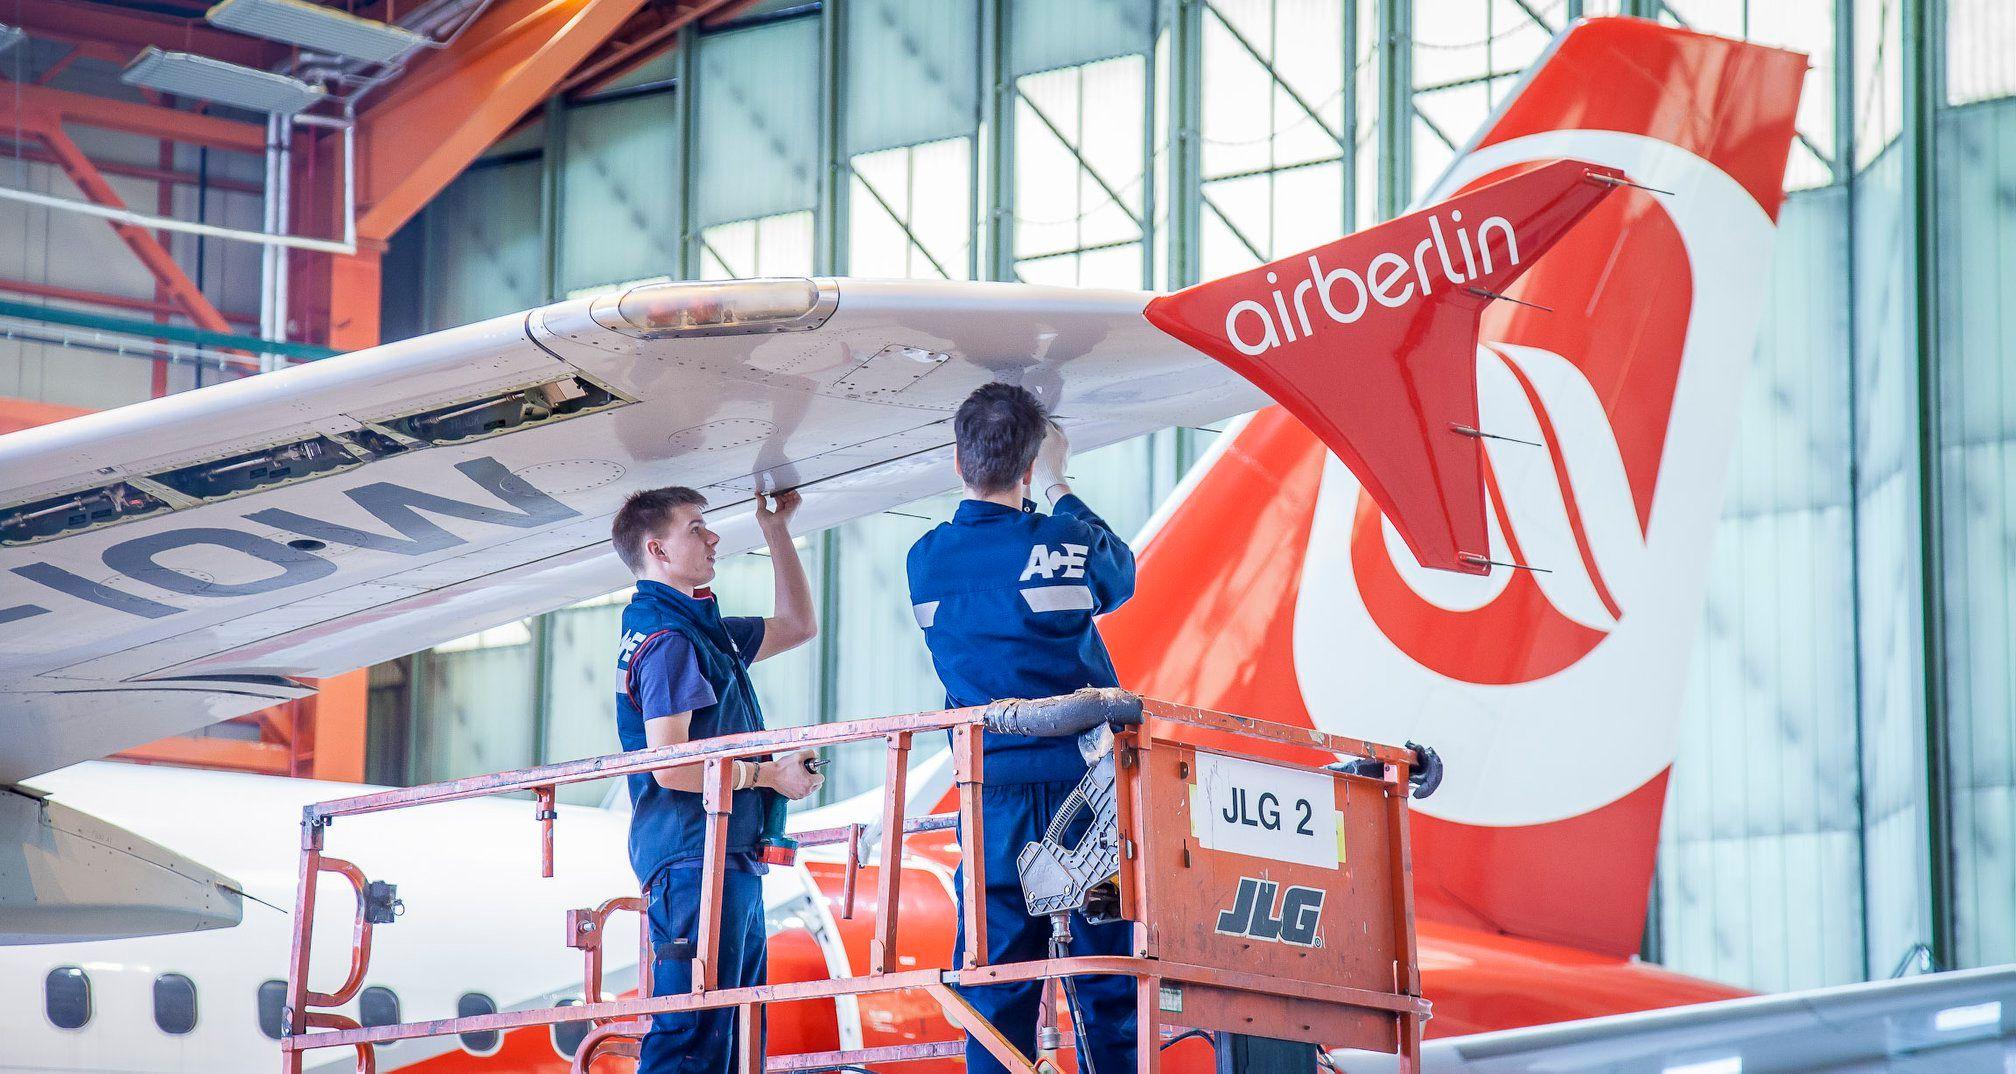 Légijármű-karbantartási ismereteket tanulhatnak a járműmérnök hallgatók a Debreceni Egyetemen